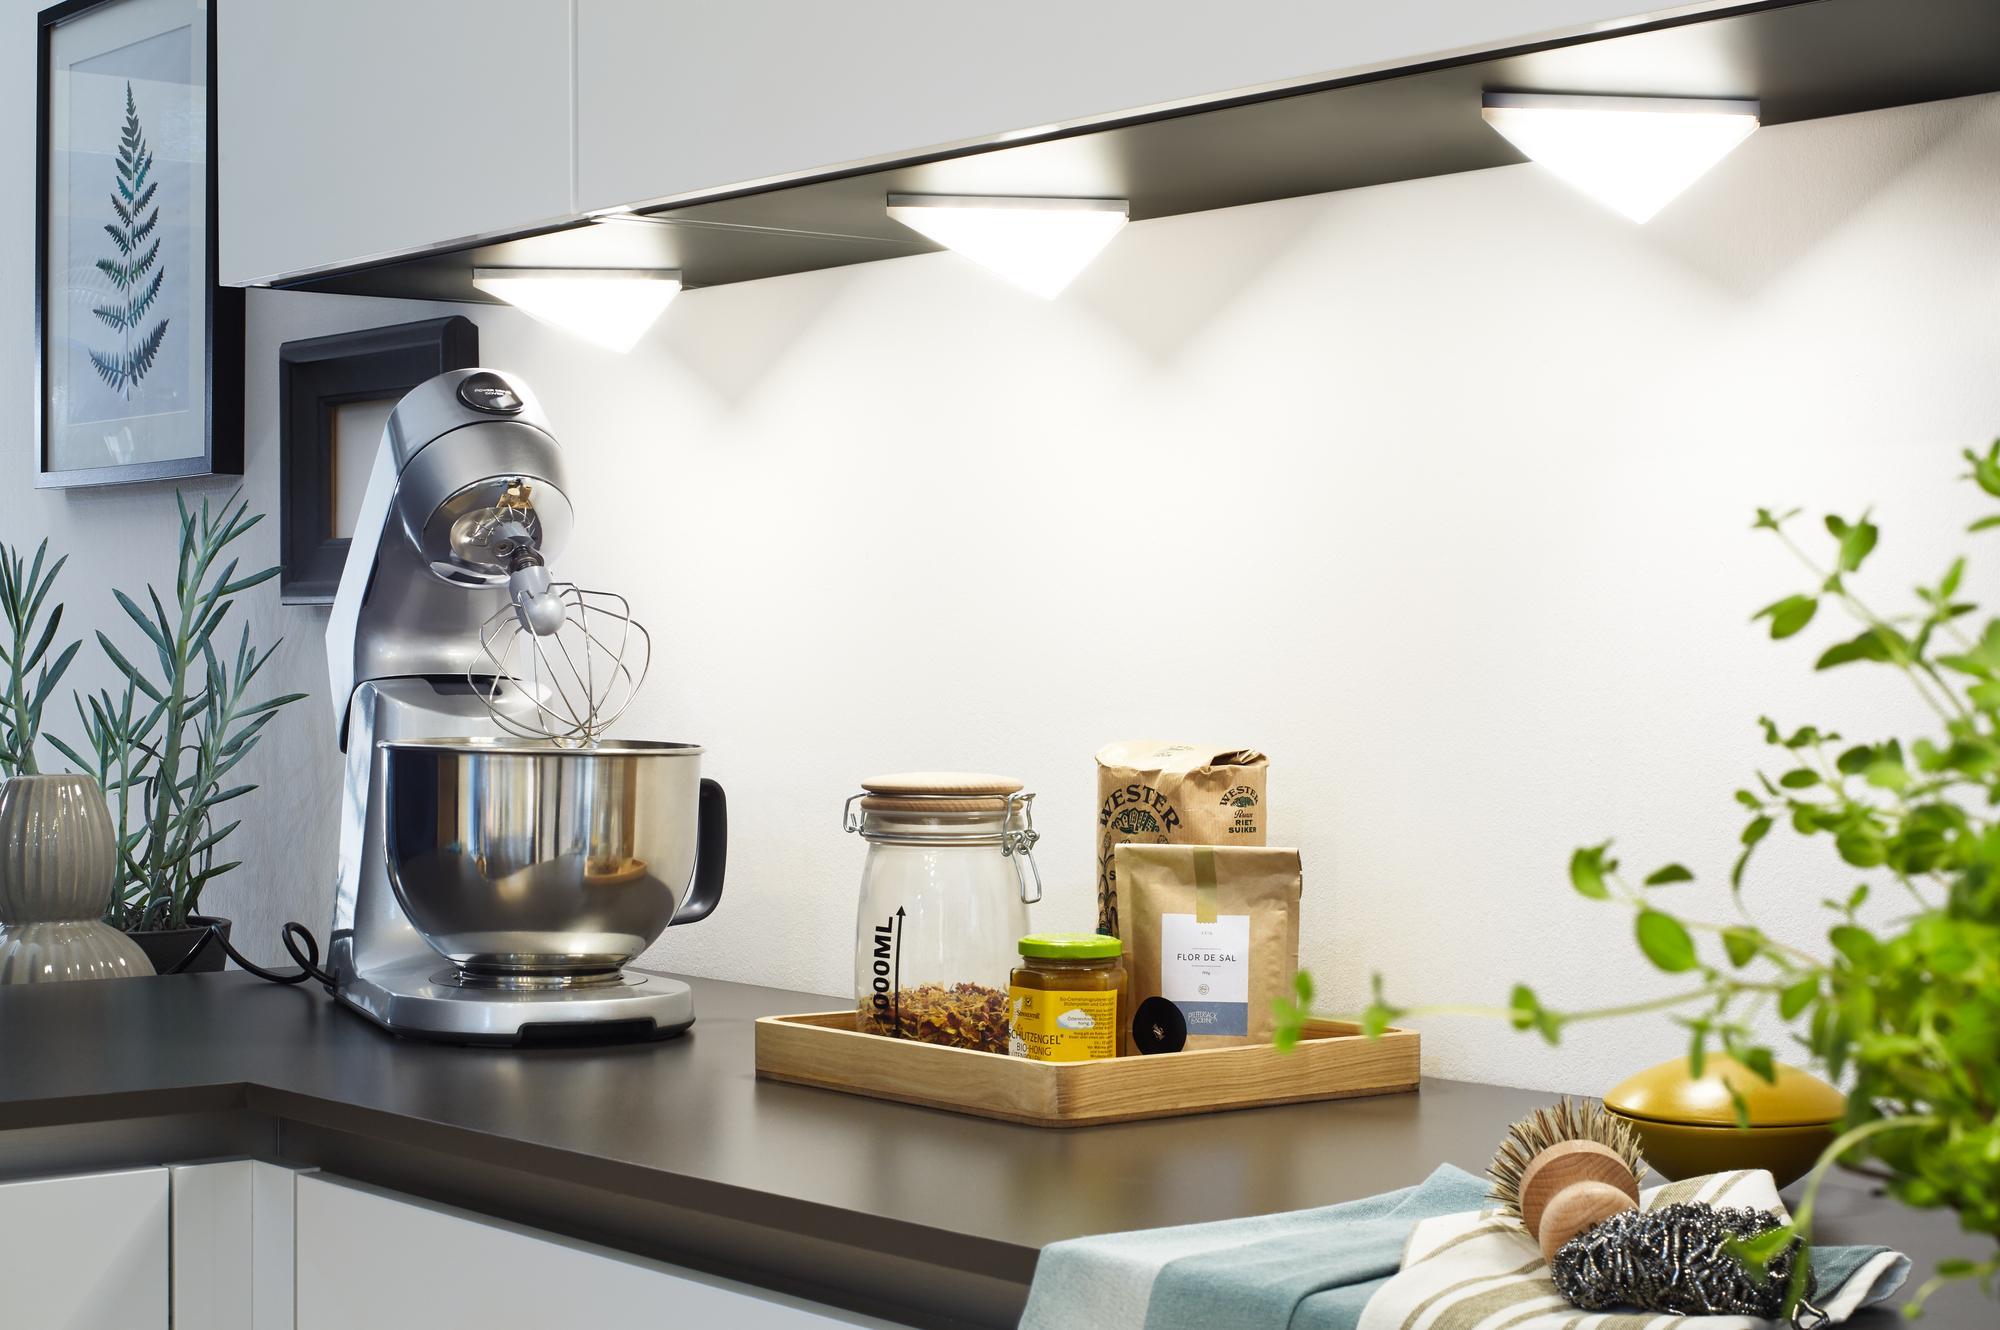 Full Size of Beleuchtung Küche Tolle Ideen Rund Um Das Thema Kchenbeleuchtung Betonoptik Eckunterschrank Apothekerschrank Kräutergarten Selbst Zusammenstellen Theke Wohnzimmer Beleuchtung Küche